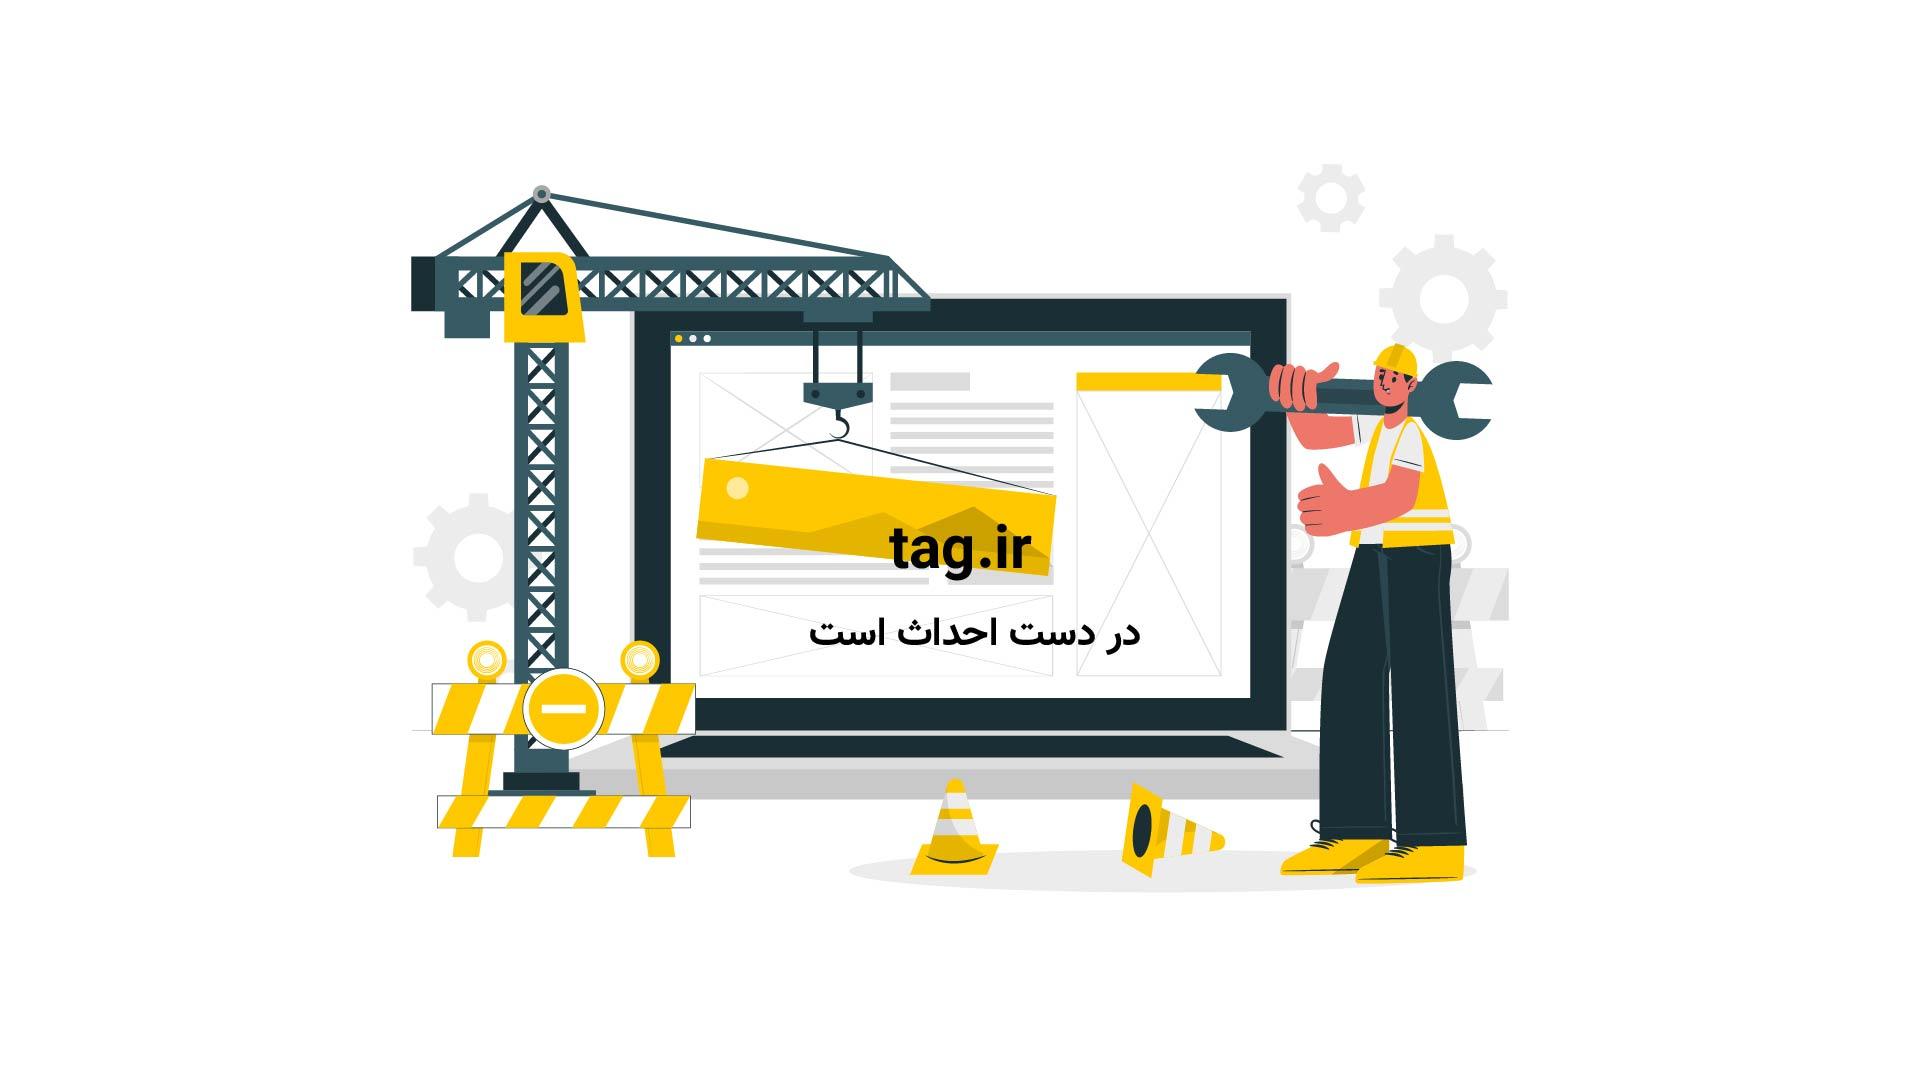 میوه آرایی | تگ